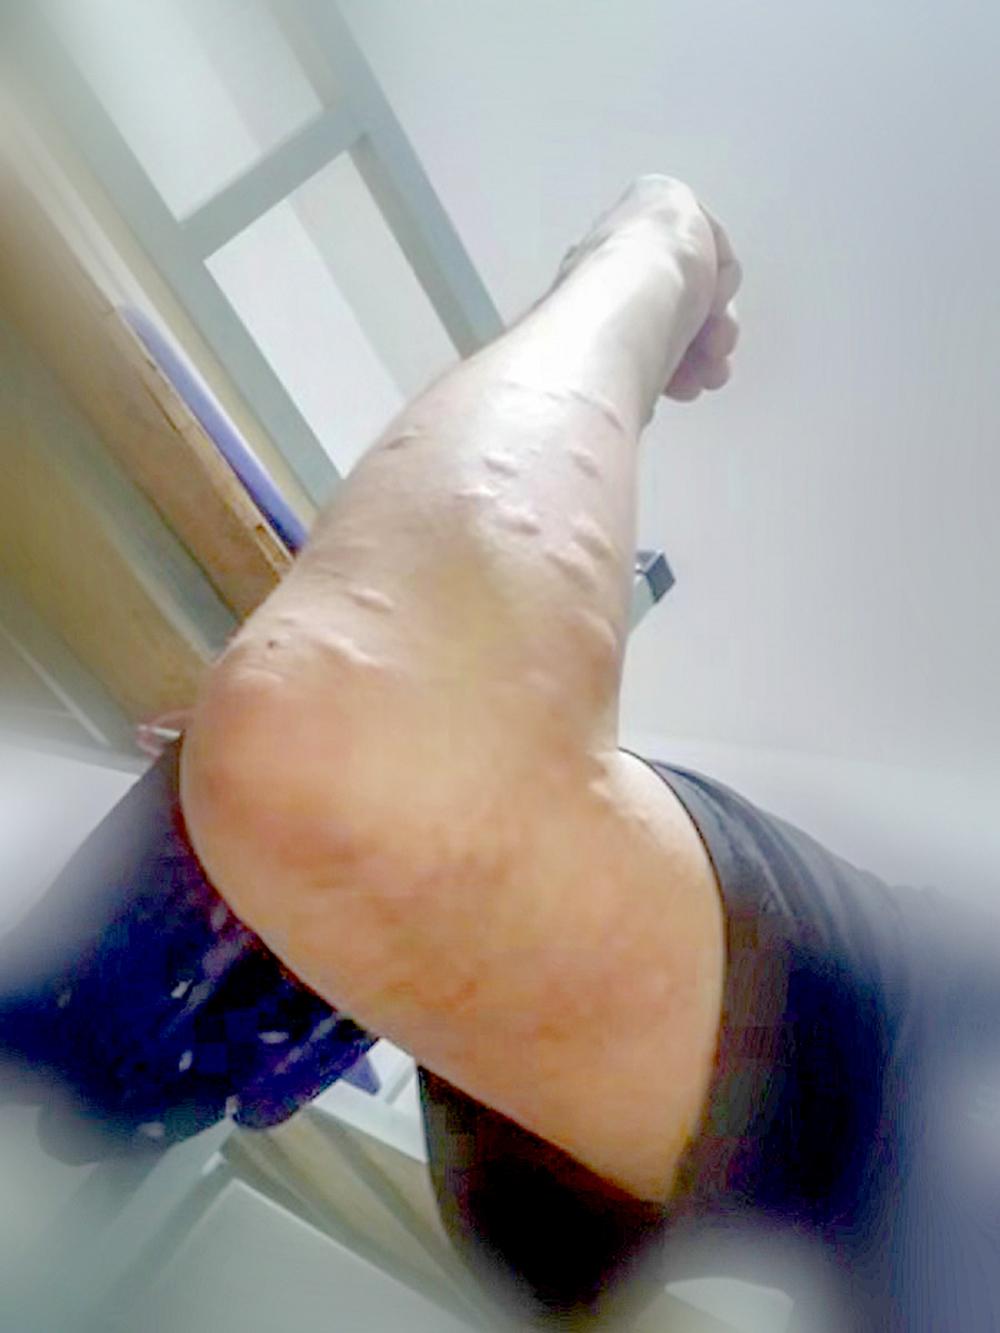 云南保山一边境警察被蚊虫叮咬红肿的照片让人心疼